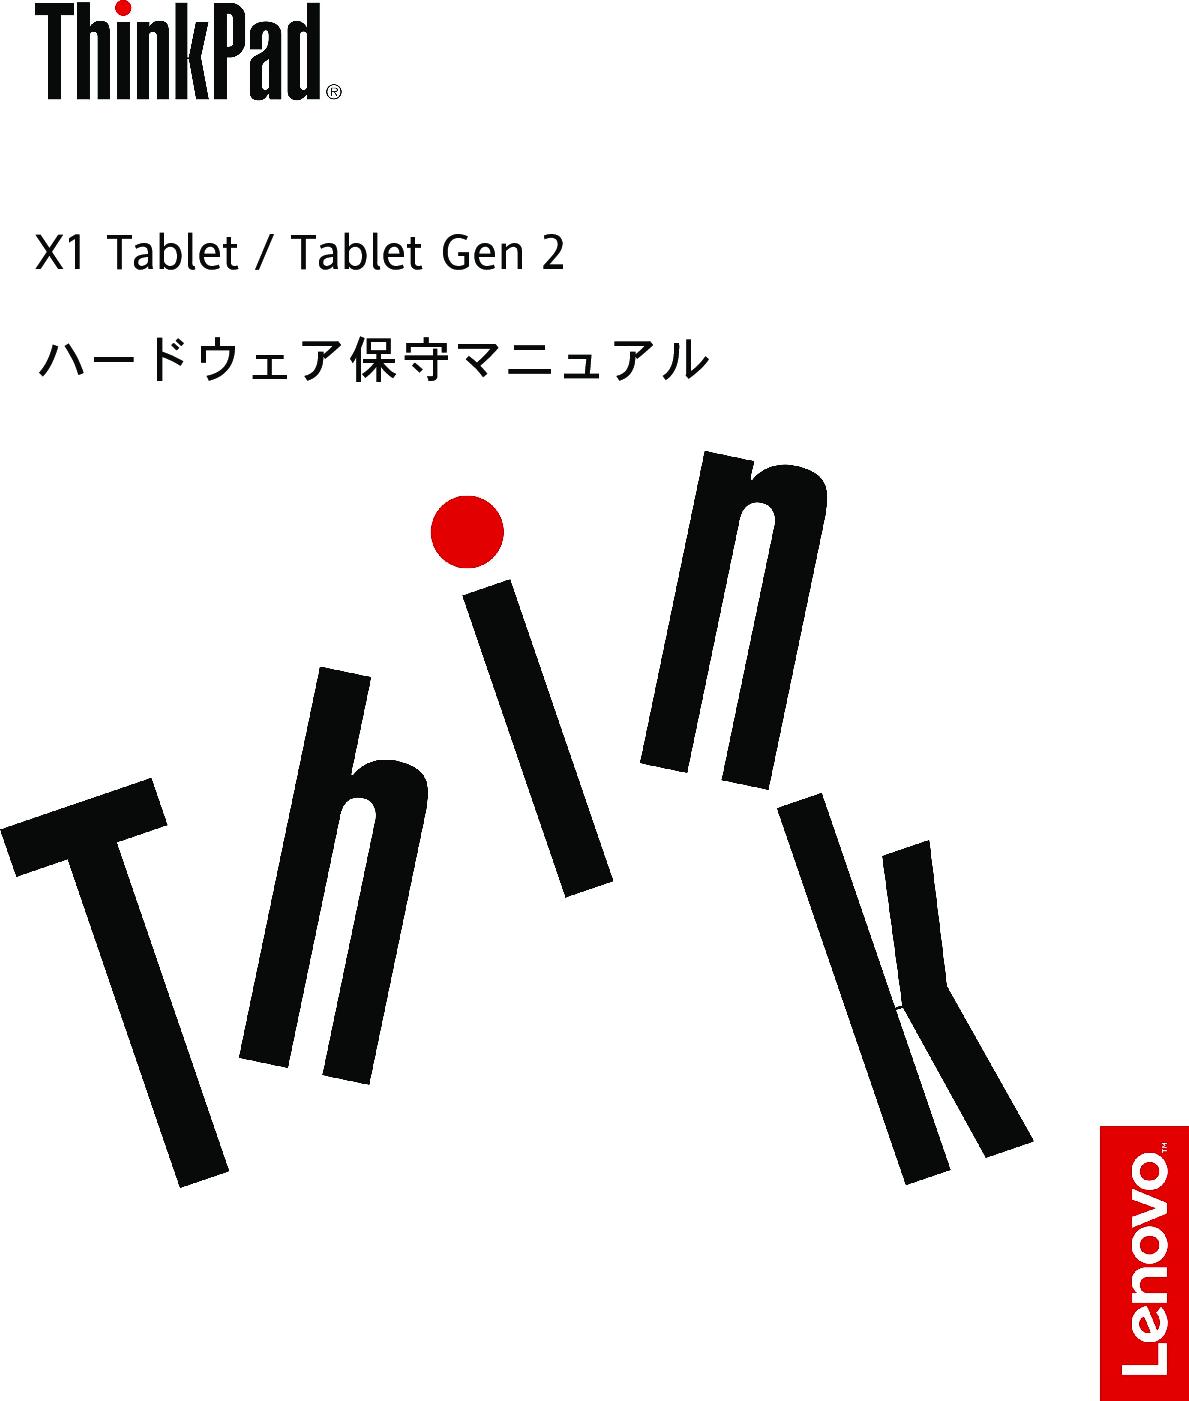 Lenovo ハードウェア保守マニュアル Think Pad X1 Tablet 2nd Gen (Type